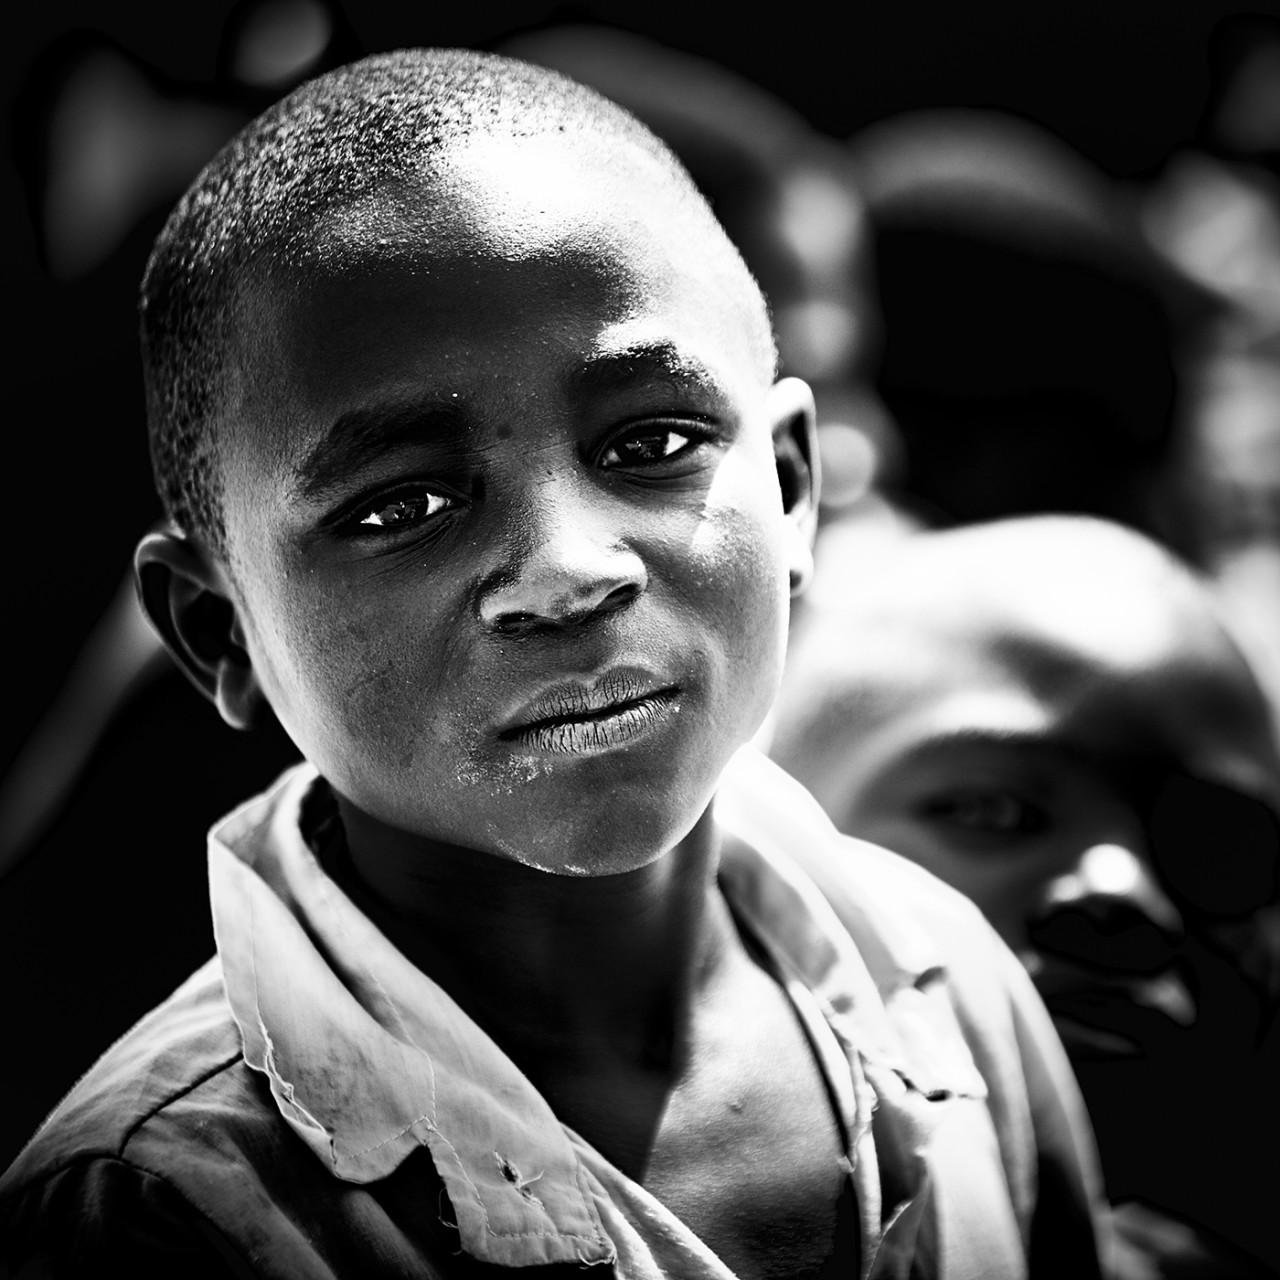 ragazzo-zambiano-03b